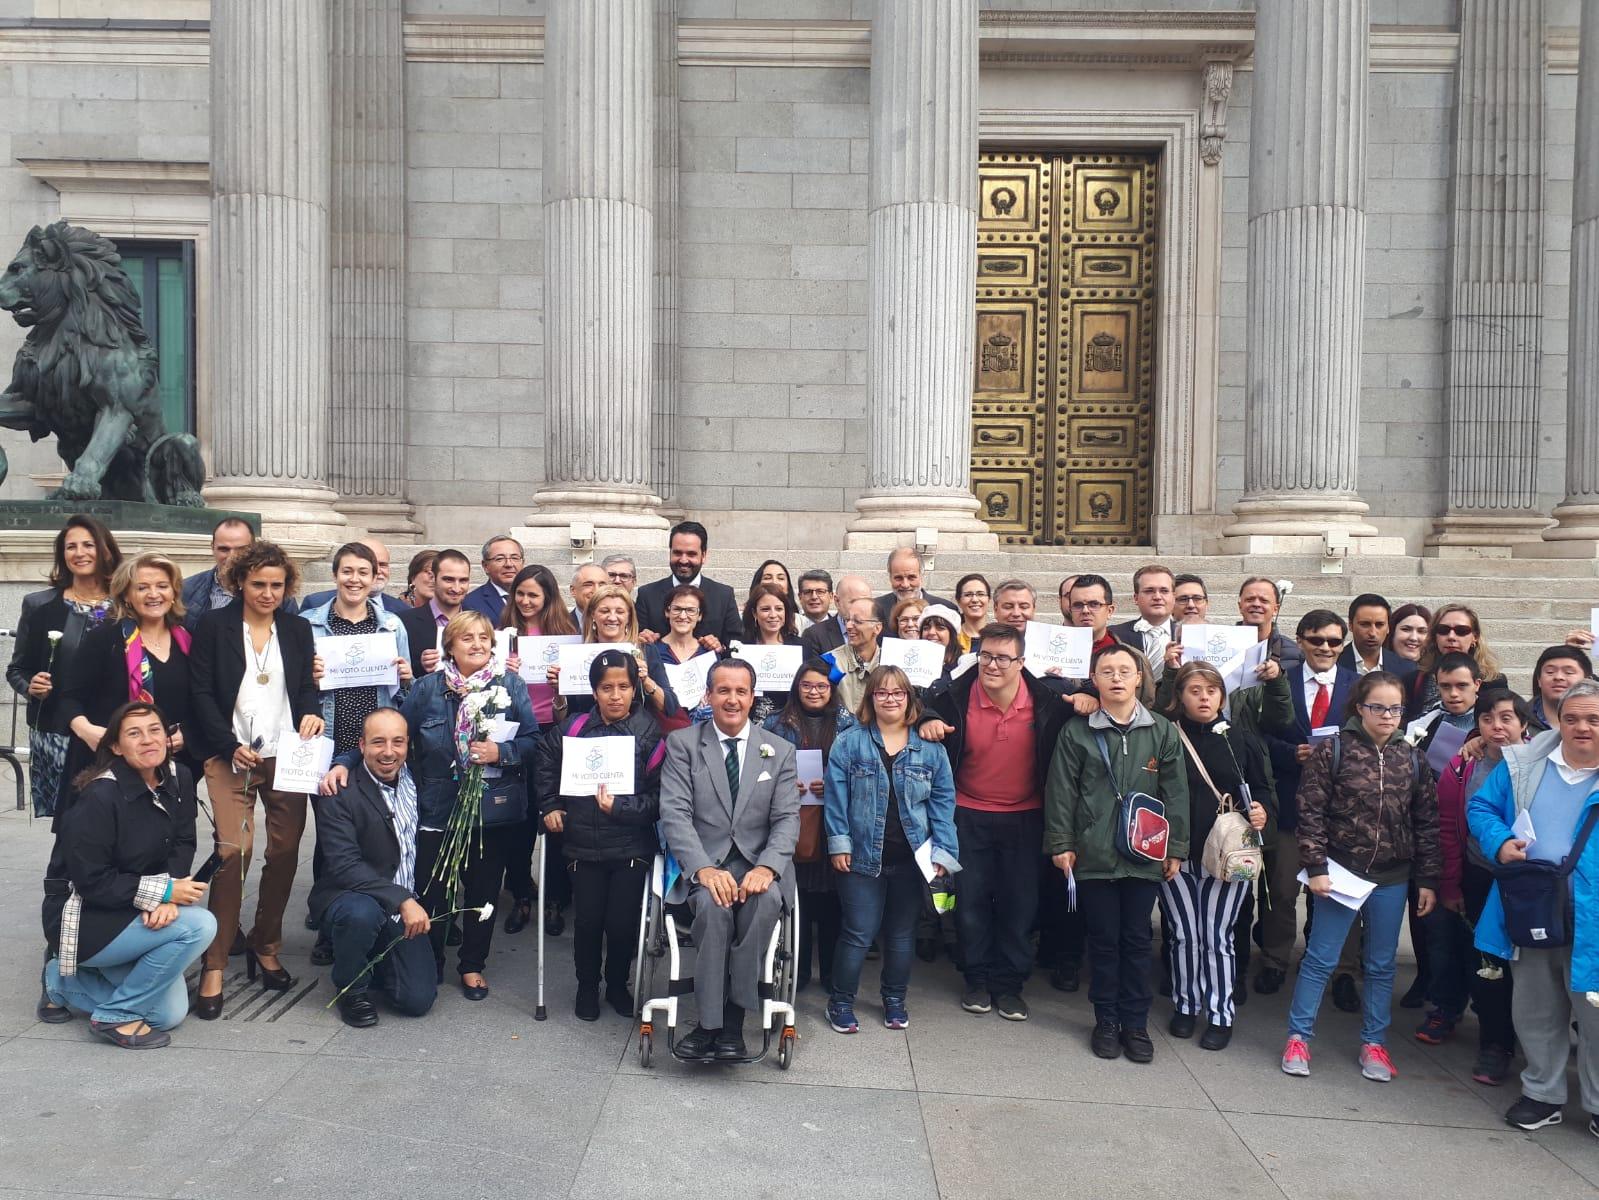 Personas con discapacidad ante el Congreso, tras aprobarse la reforma legislativa.